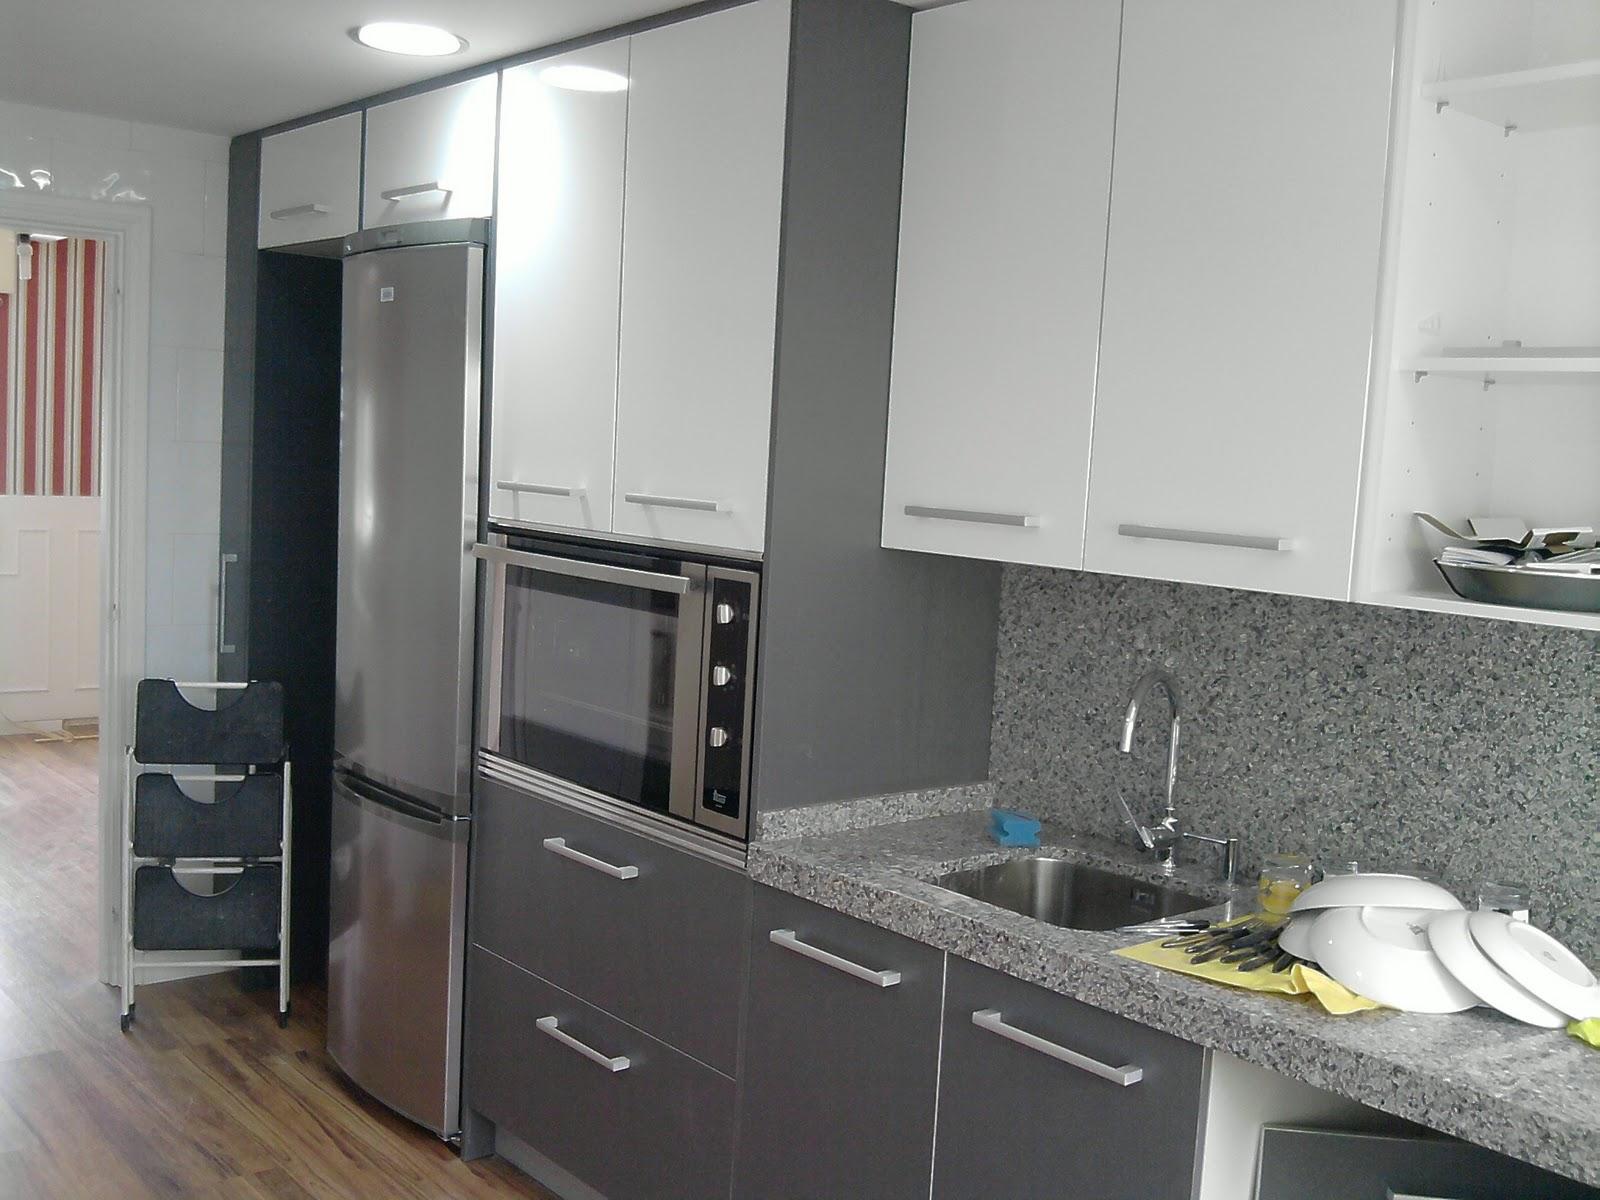 Cocinas fotos de cocinas Cocina blanca encimera granito negra